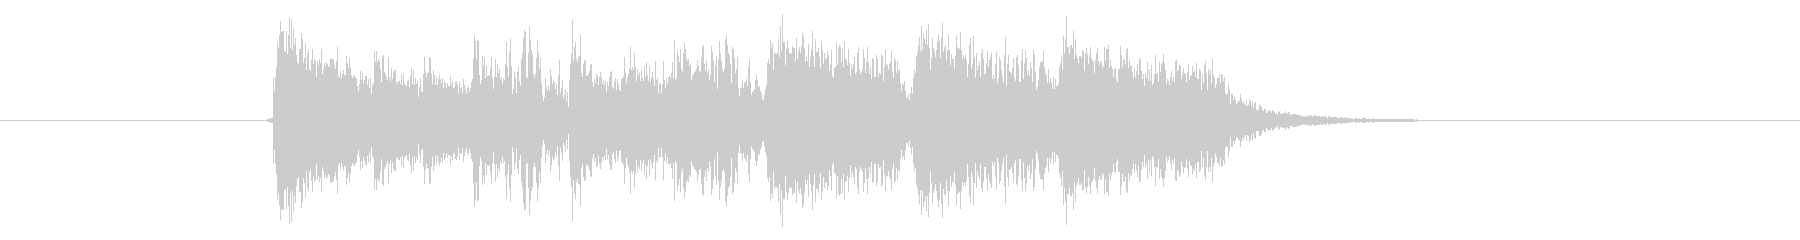 軽快なシンセパーカッションの短いジングルの未再生の波形